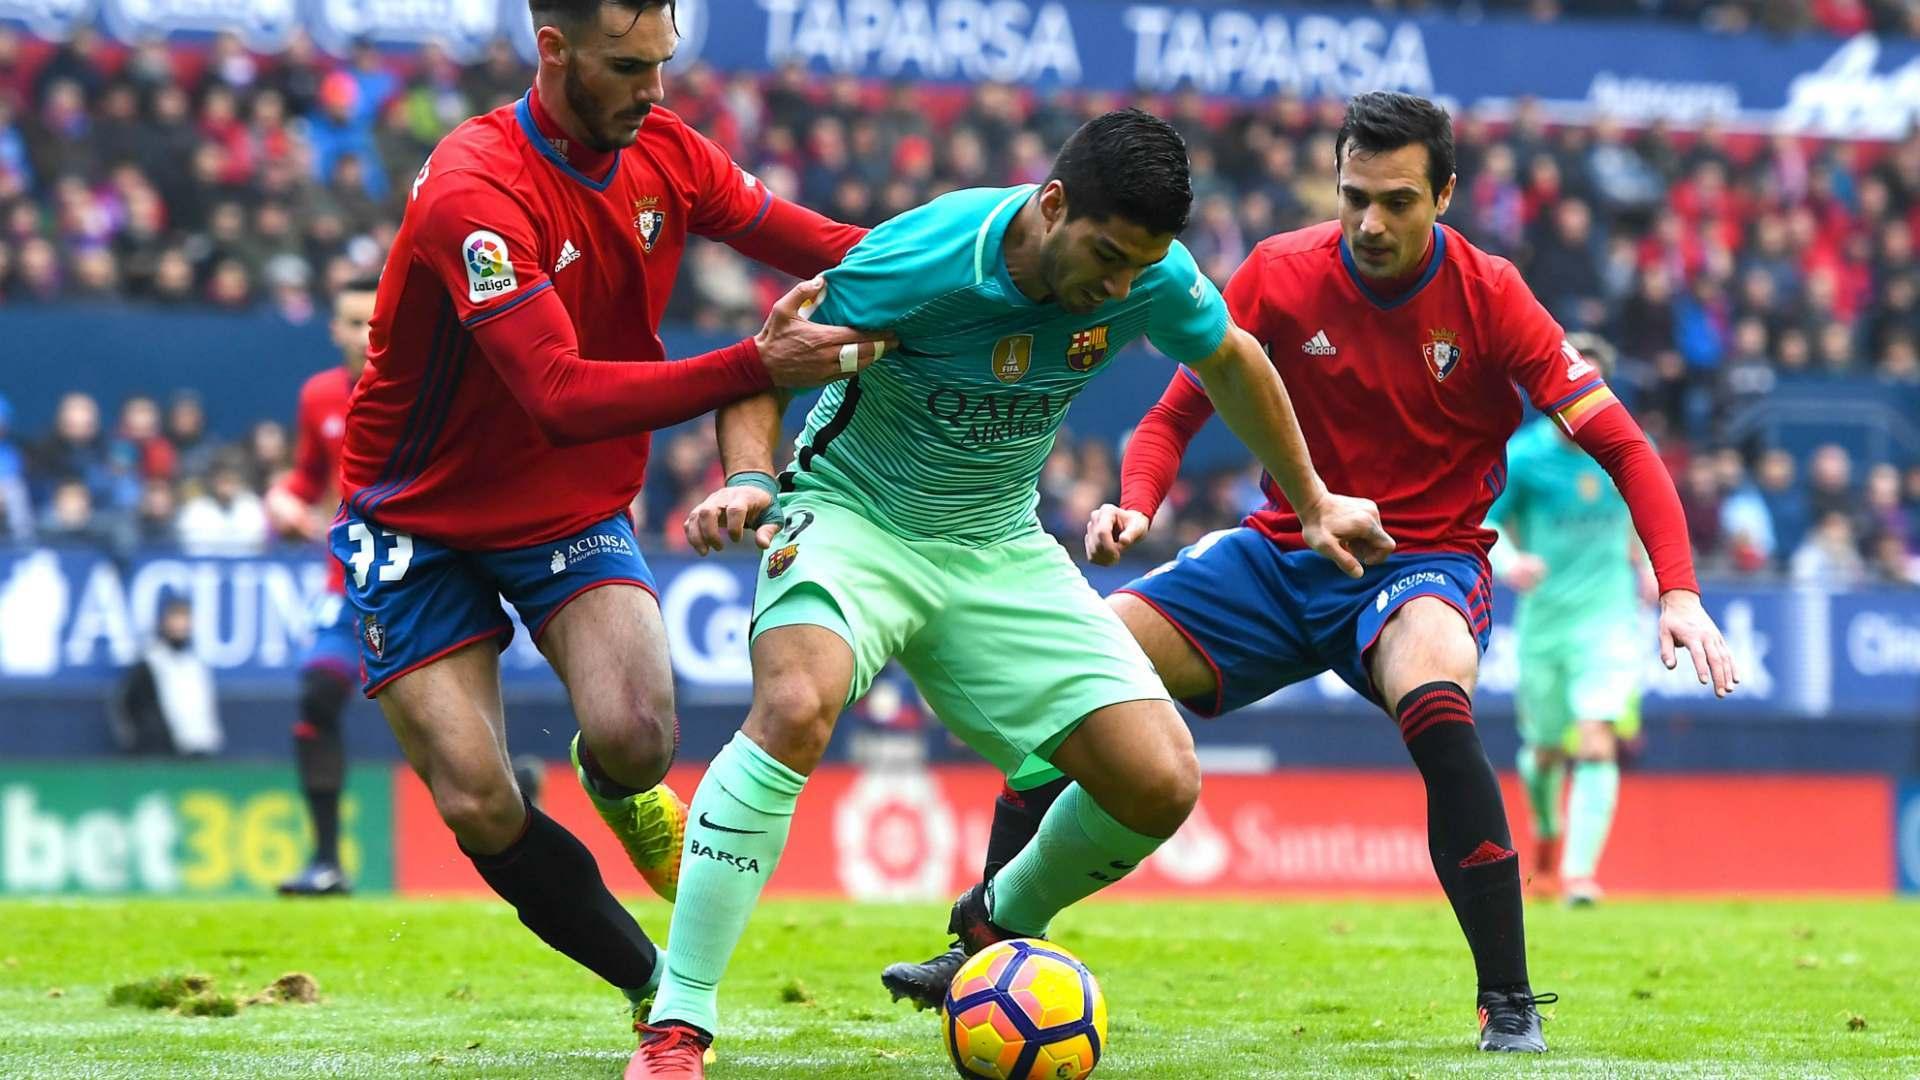 Prediksi Skor Barcelona vs Osasuna 27 April 2017